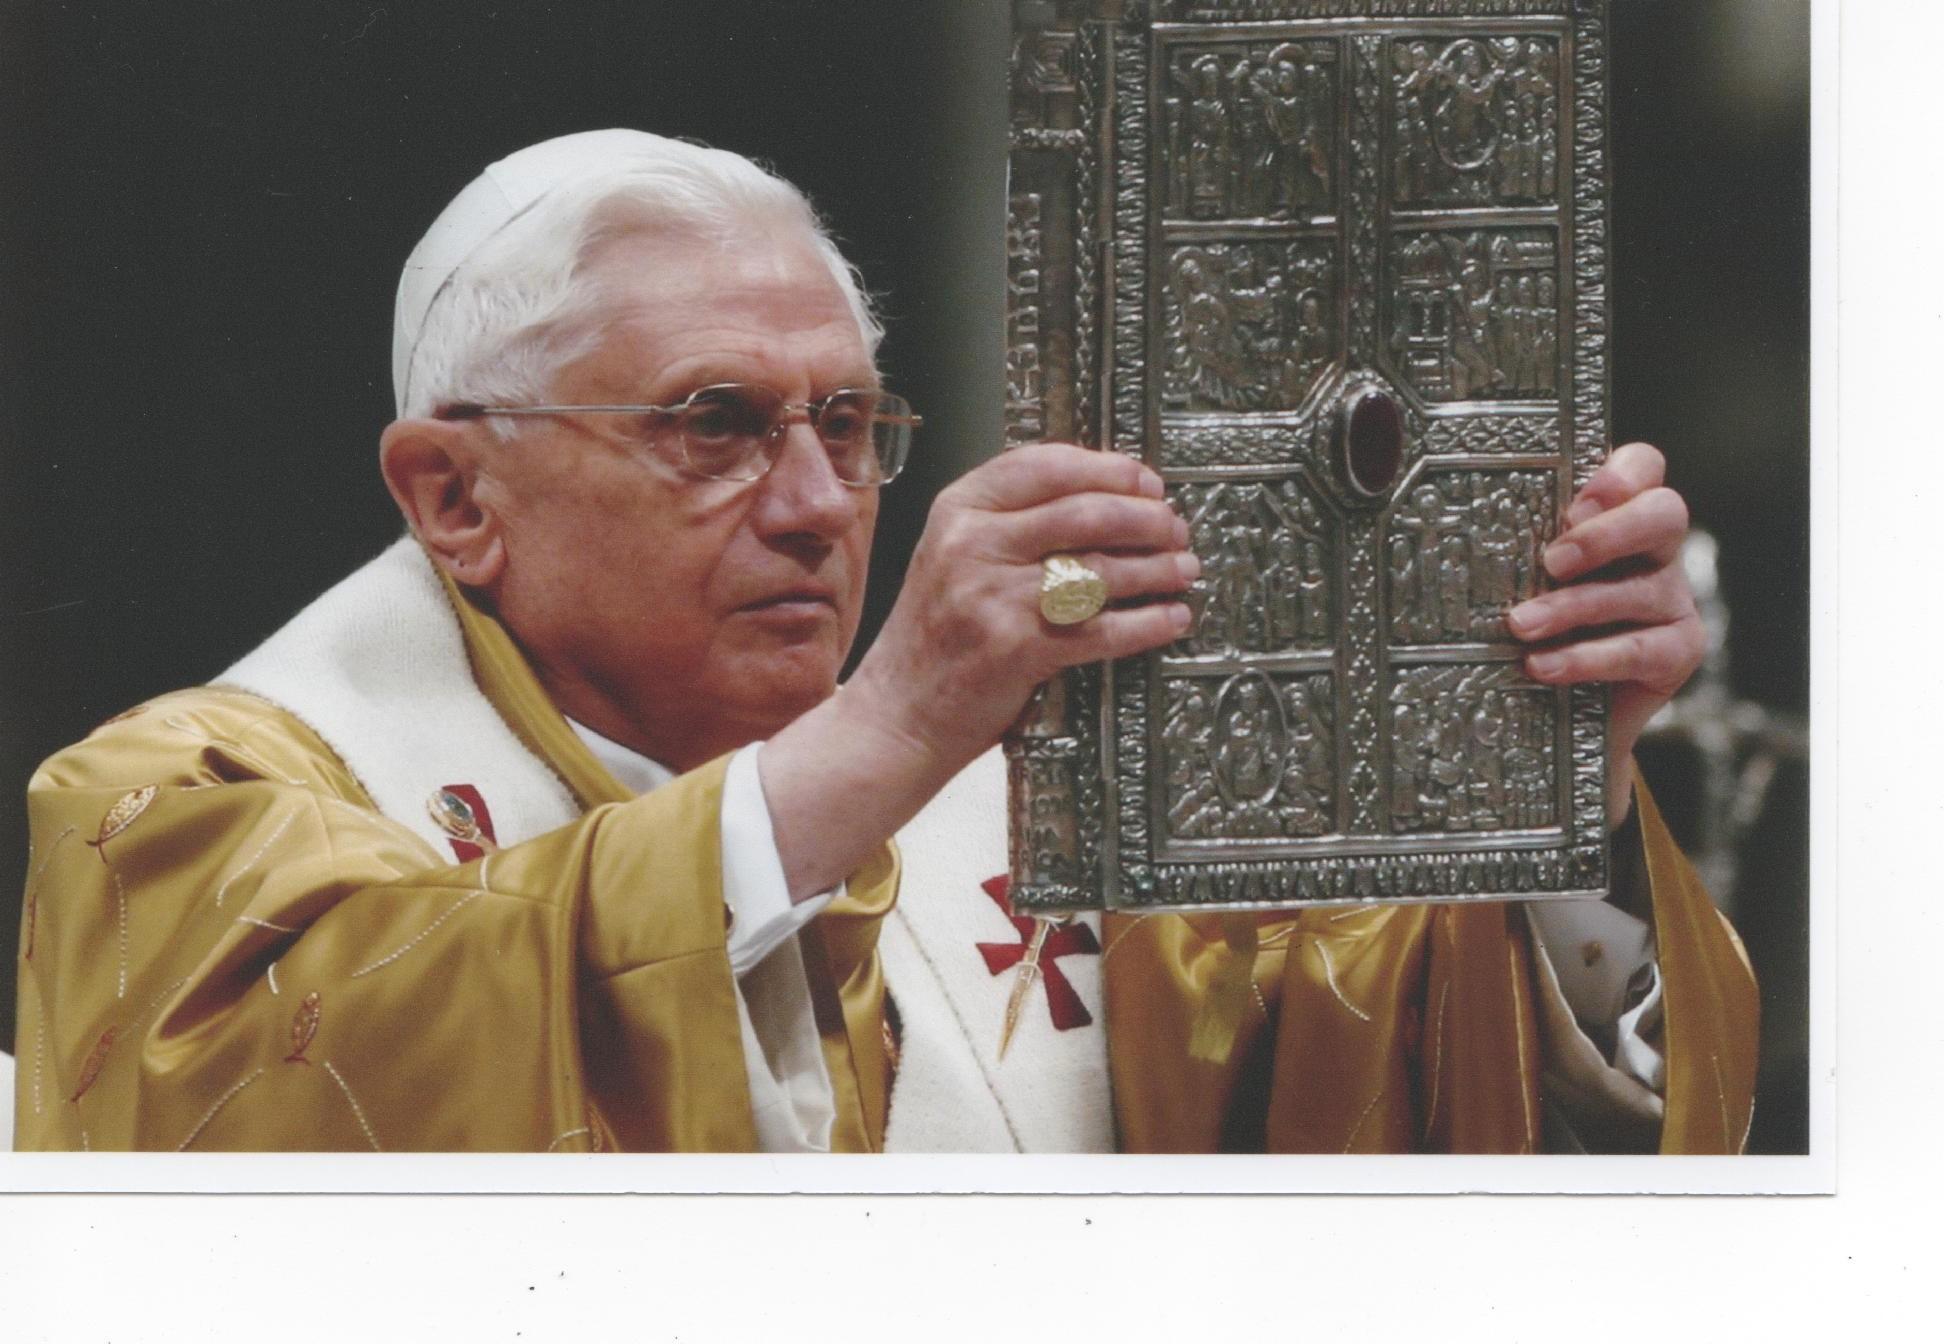 Coprievangelario in argento - Antenori